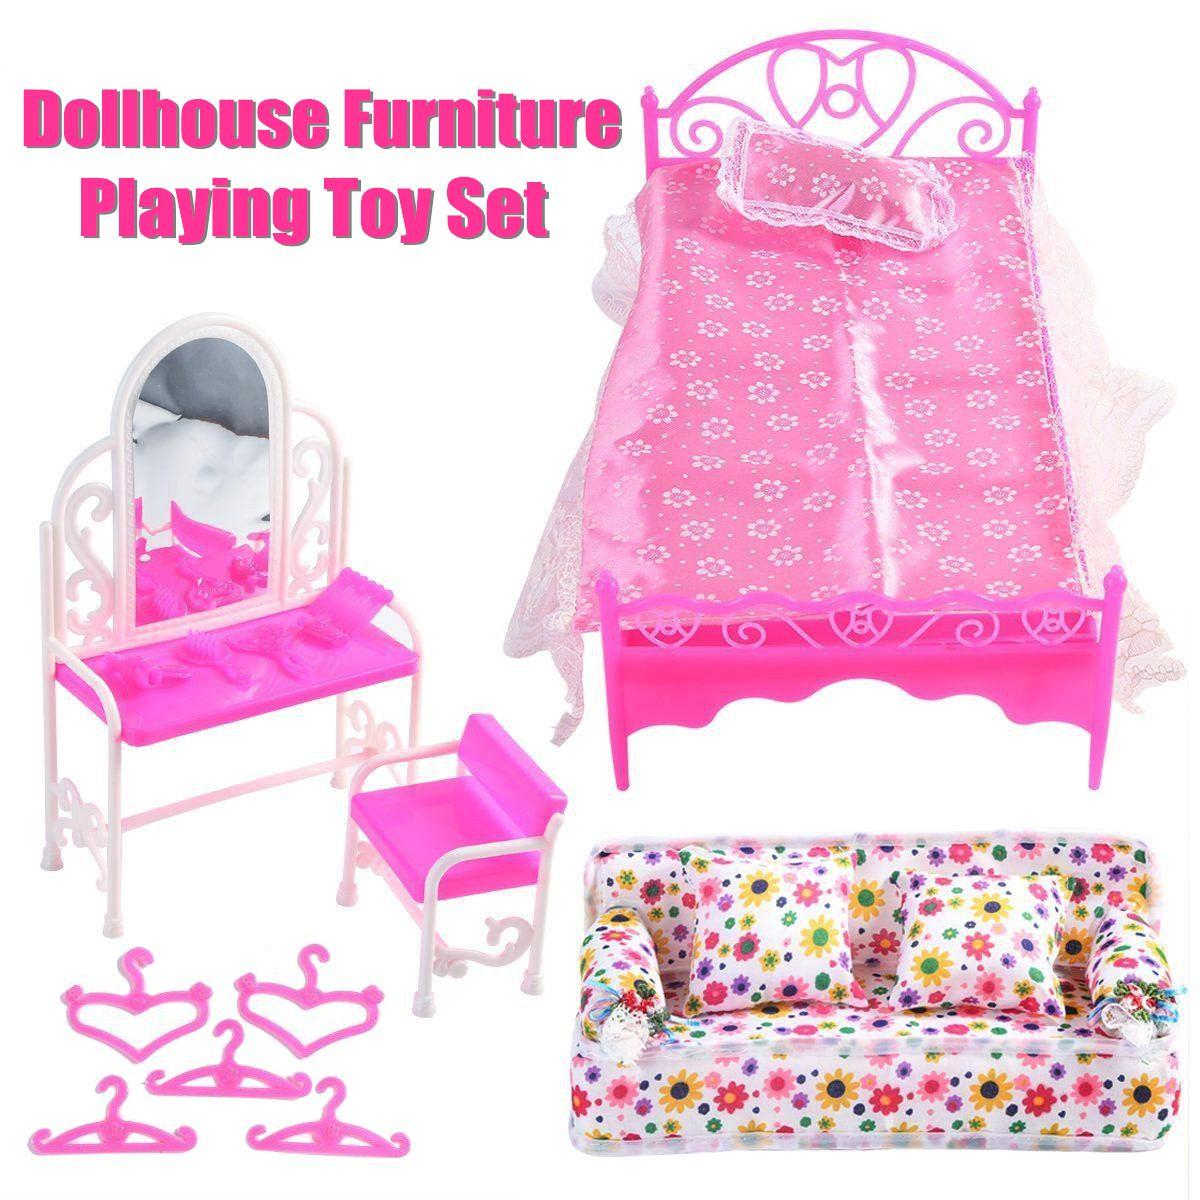 Großhandel Diy Miniatur Puppenhaus Kit Handgemachte Kinder Handwerk Spielzeug Schlafzimmer Modell Mädchen Geschenk Geburtstag Urlaub Geschenk Für 7 14